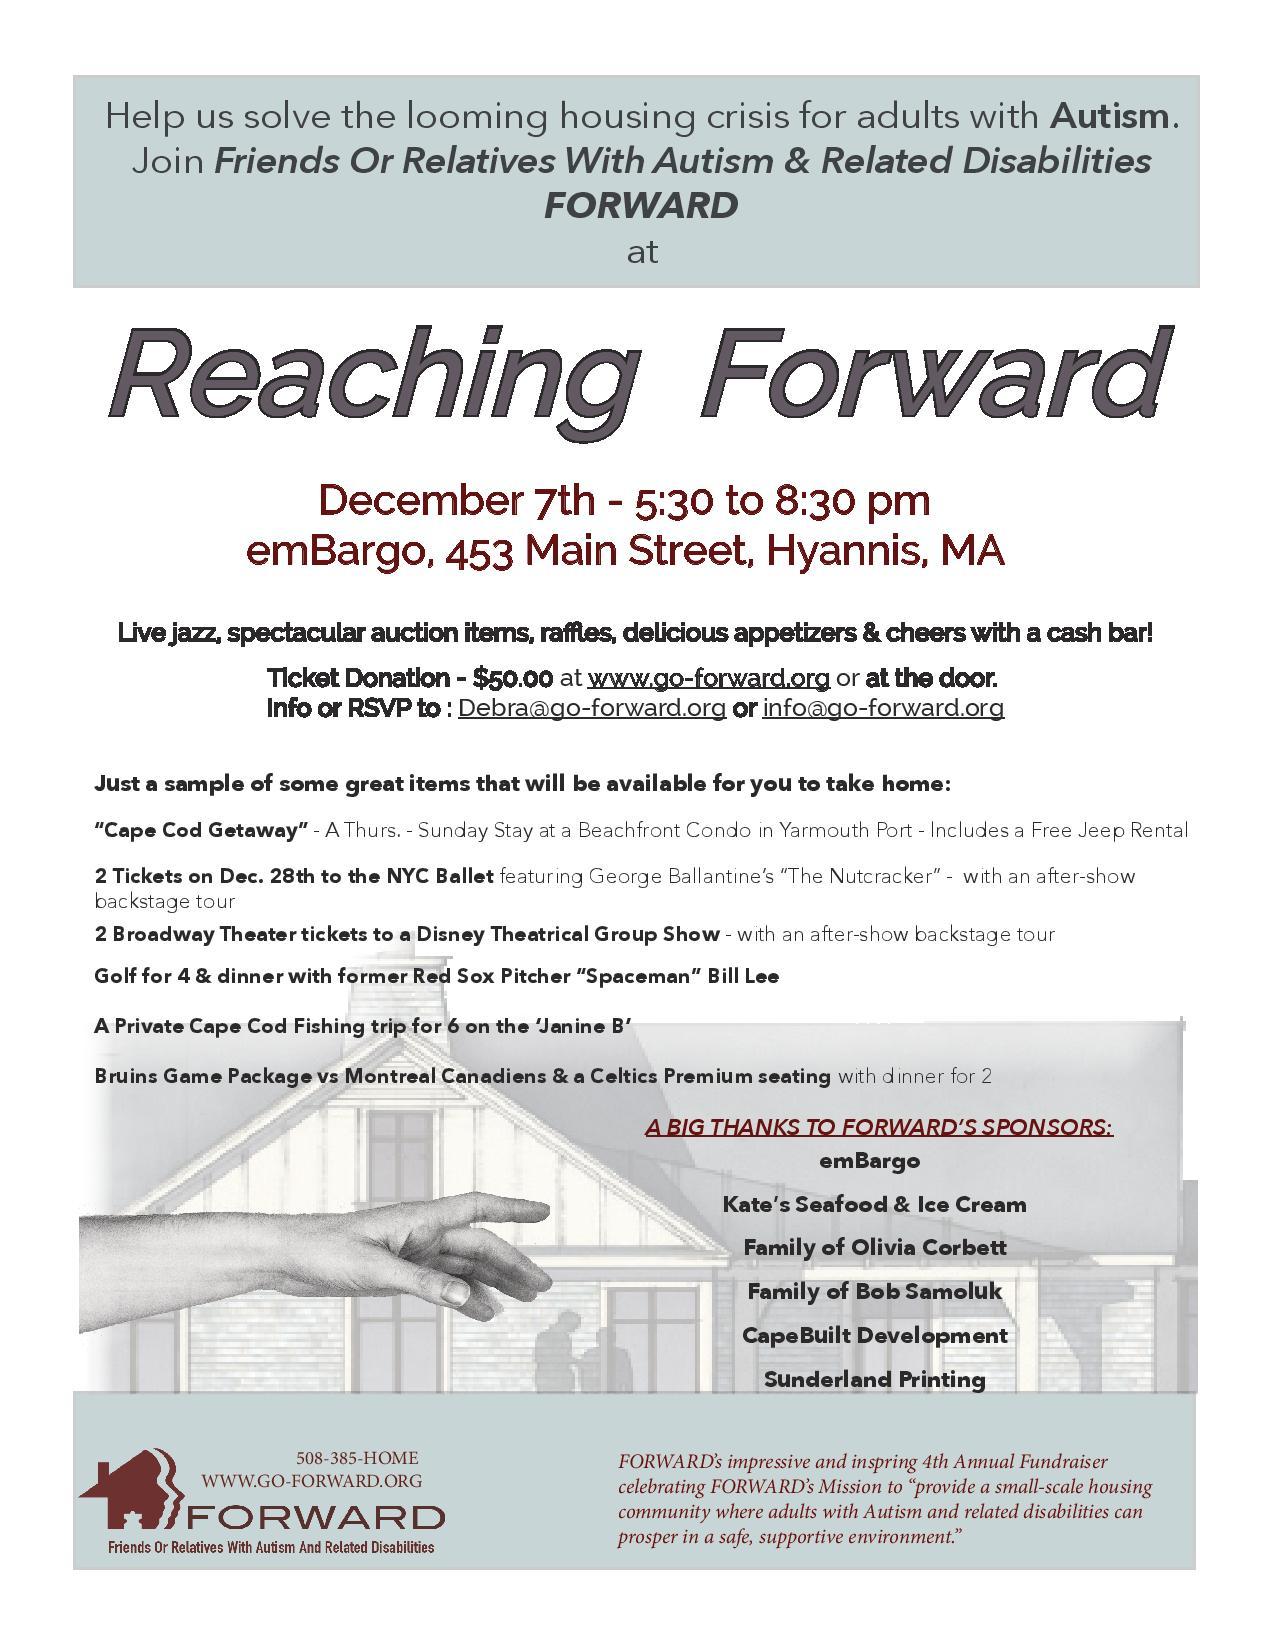 Reaching FORWARD Fundraiser